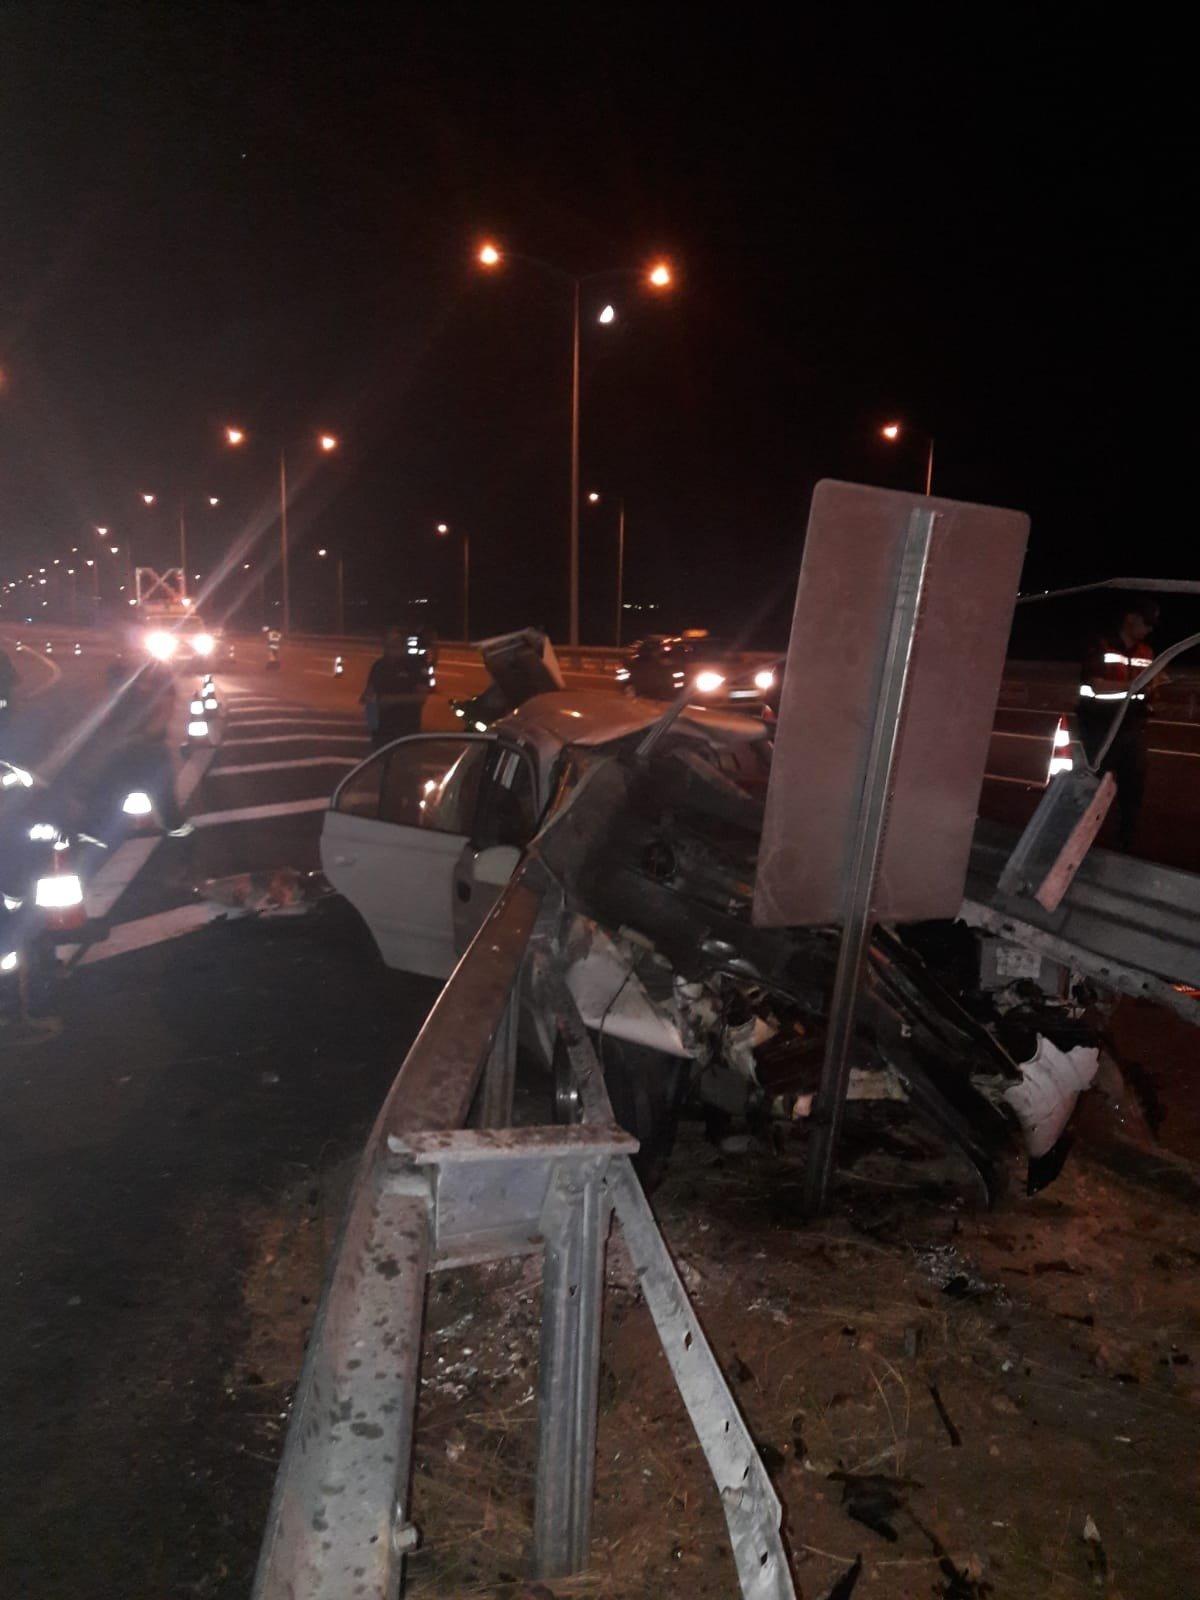 Manisa- İzmir Otoyolu'nda katliam gibi kaza: 3 ölü, 2 yaralı